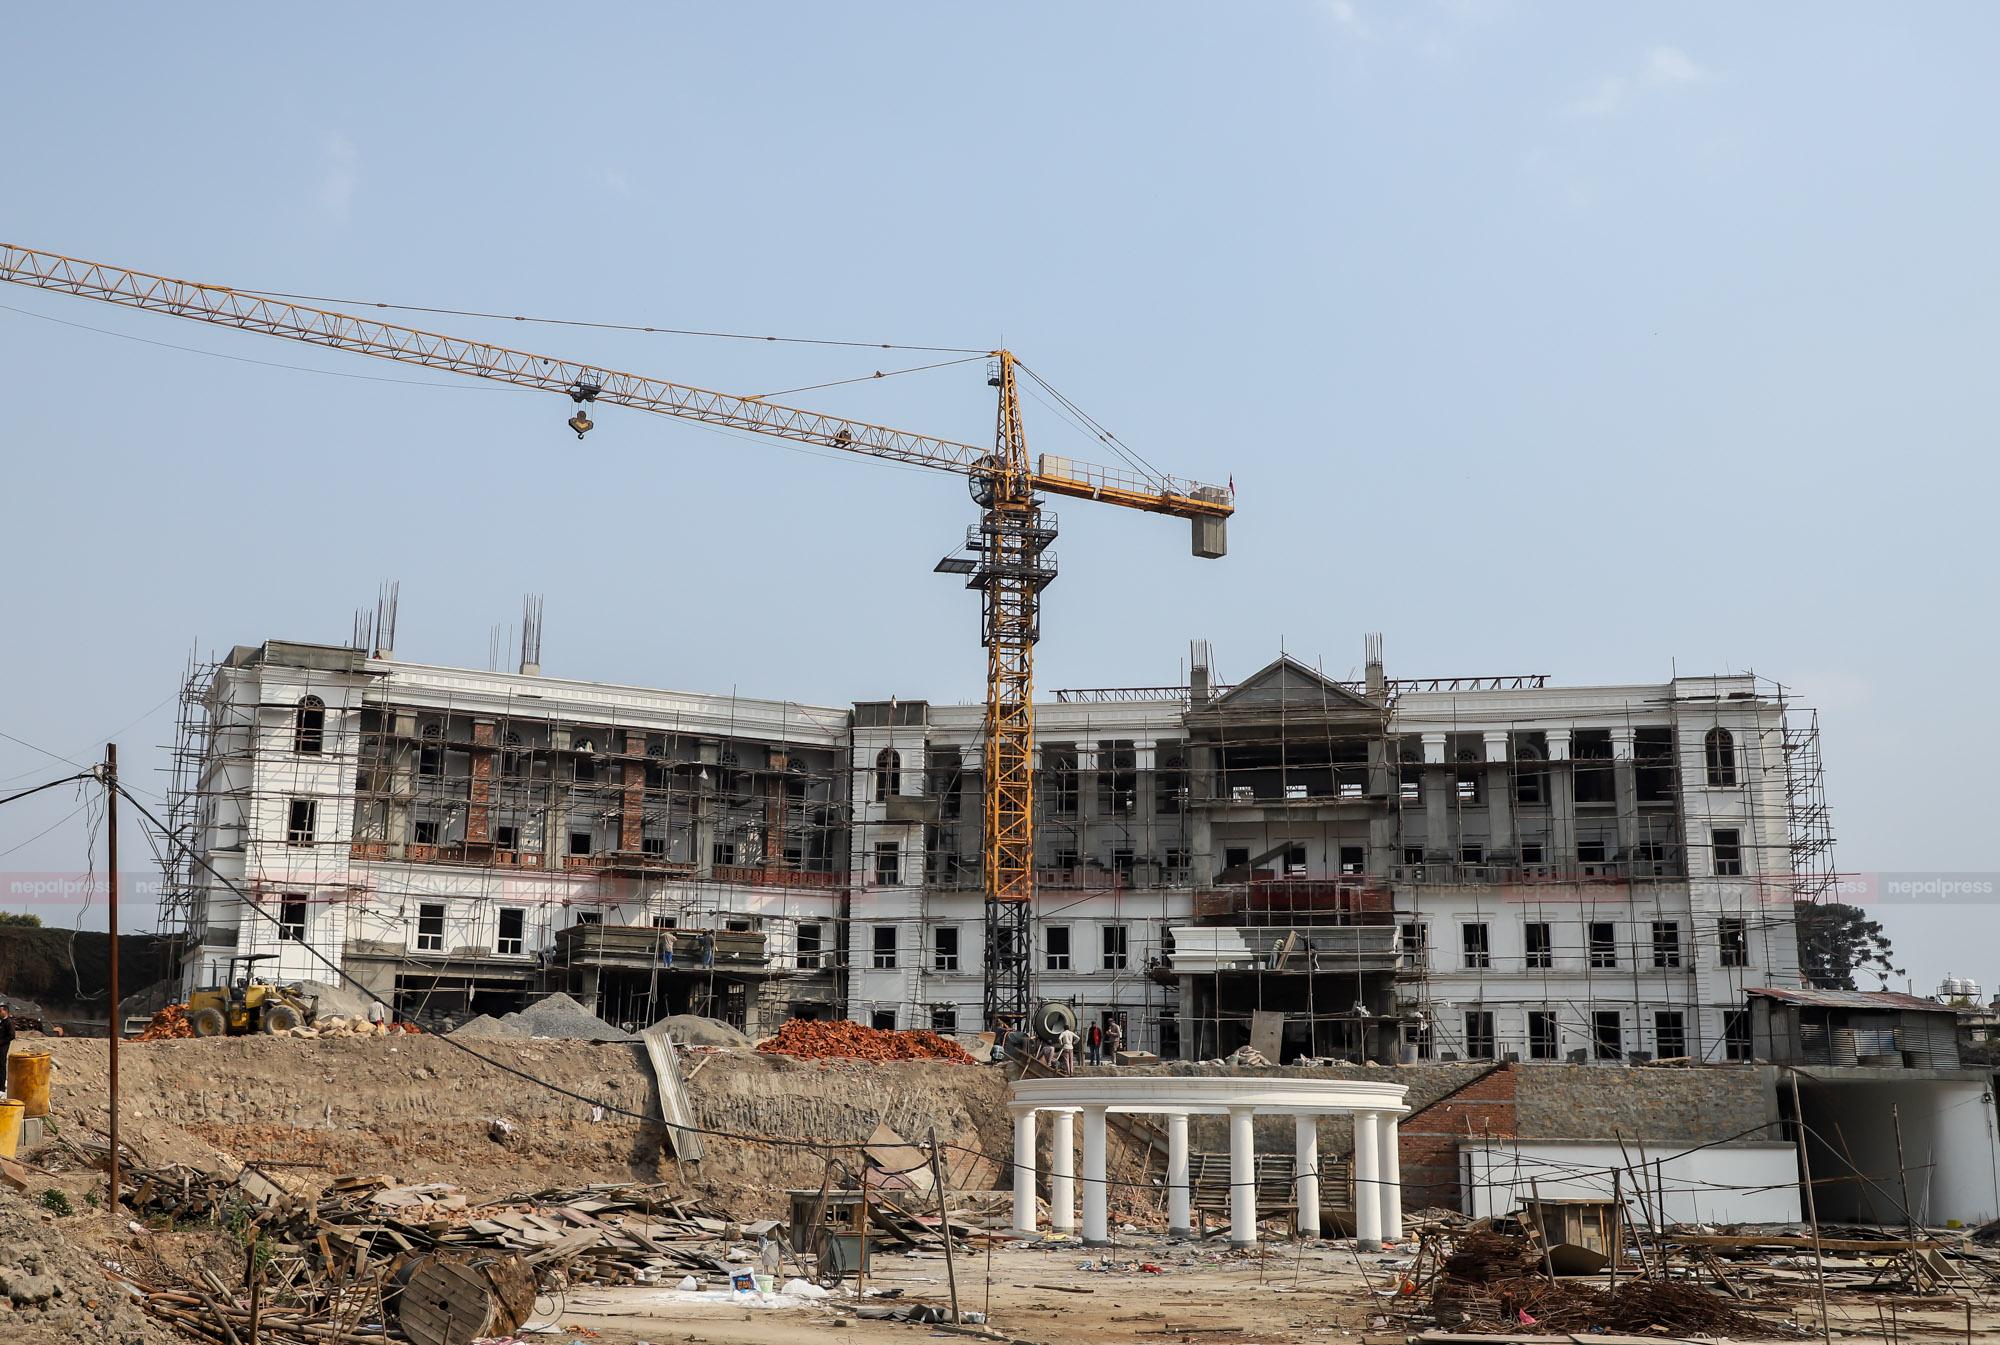 राष्ट्र बैंकः 'रेन बसेरा'देखि अत्याधुनिक भवनसम्म (फोटो/भिडियोसहित)